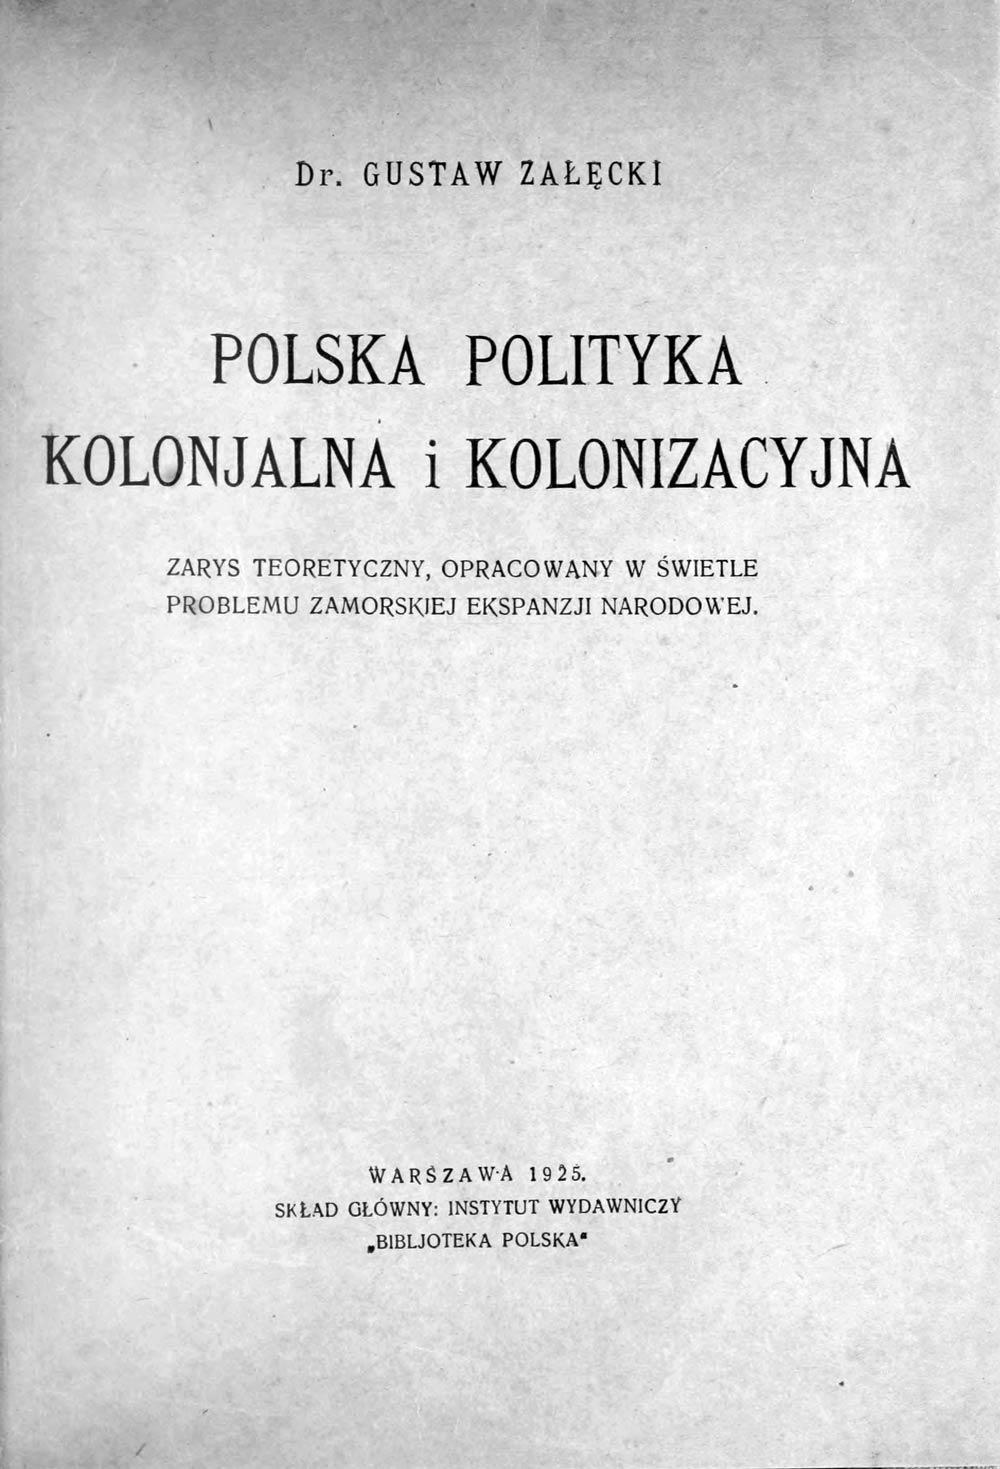 Polska polityka kolonjalna i kolonizacyjna. Zarys teoretyczny, opracowany w świetle problemu zamorskiej ekspansji narodowej. -Warszawa. - 1925